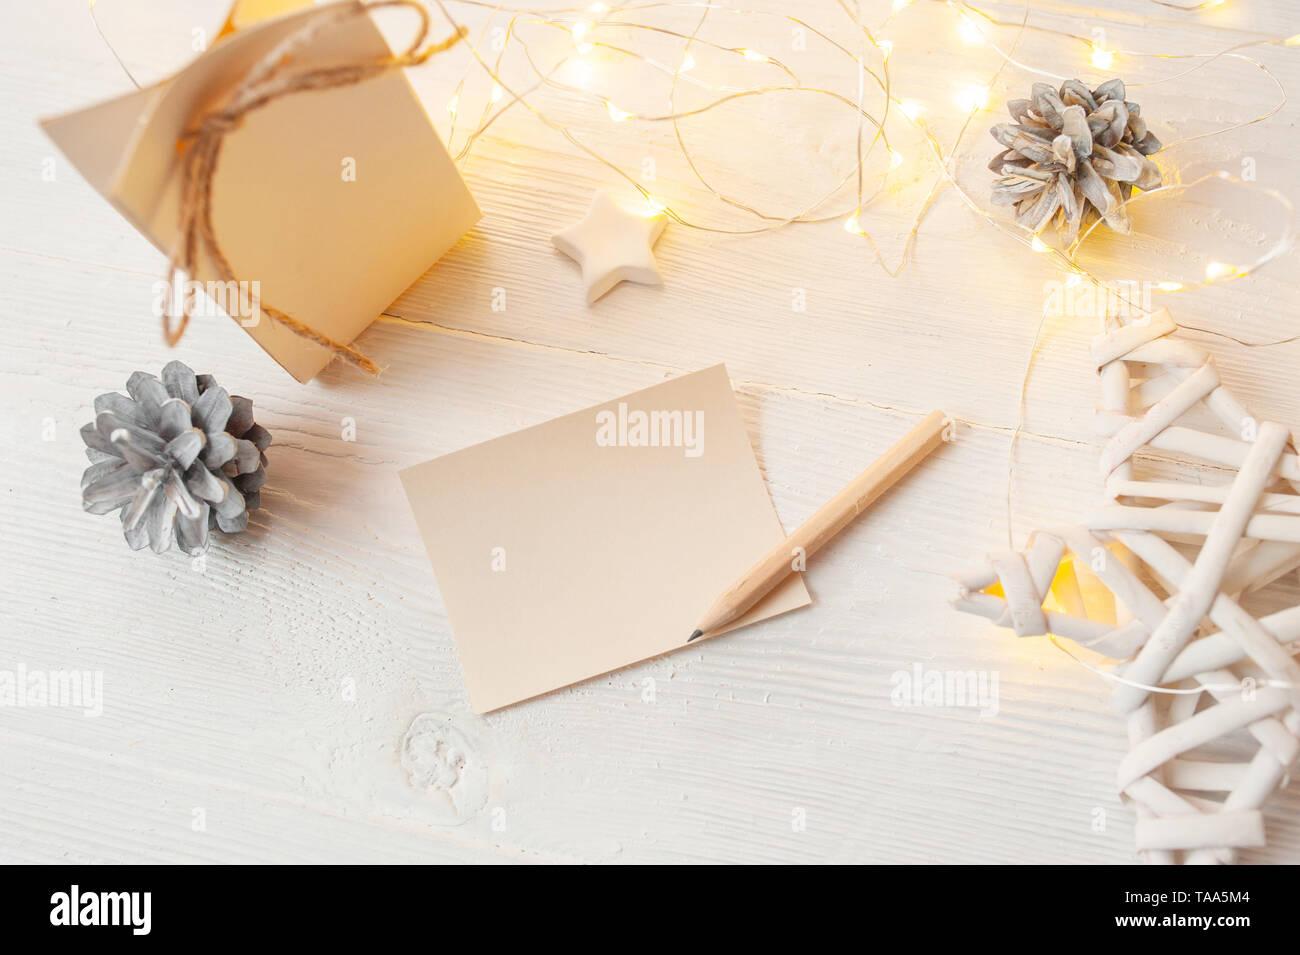 Weihnachten Hintergrund für Grußkarte Blatt Papier mit Platz für Text. x-mas Spielzeug auf Holz- Hintergrund. Flach, Ansicht von oben Foto mockup. Stockbild